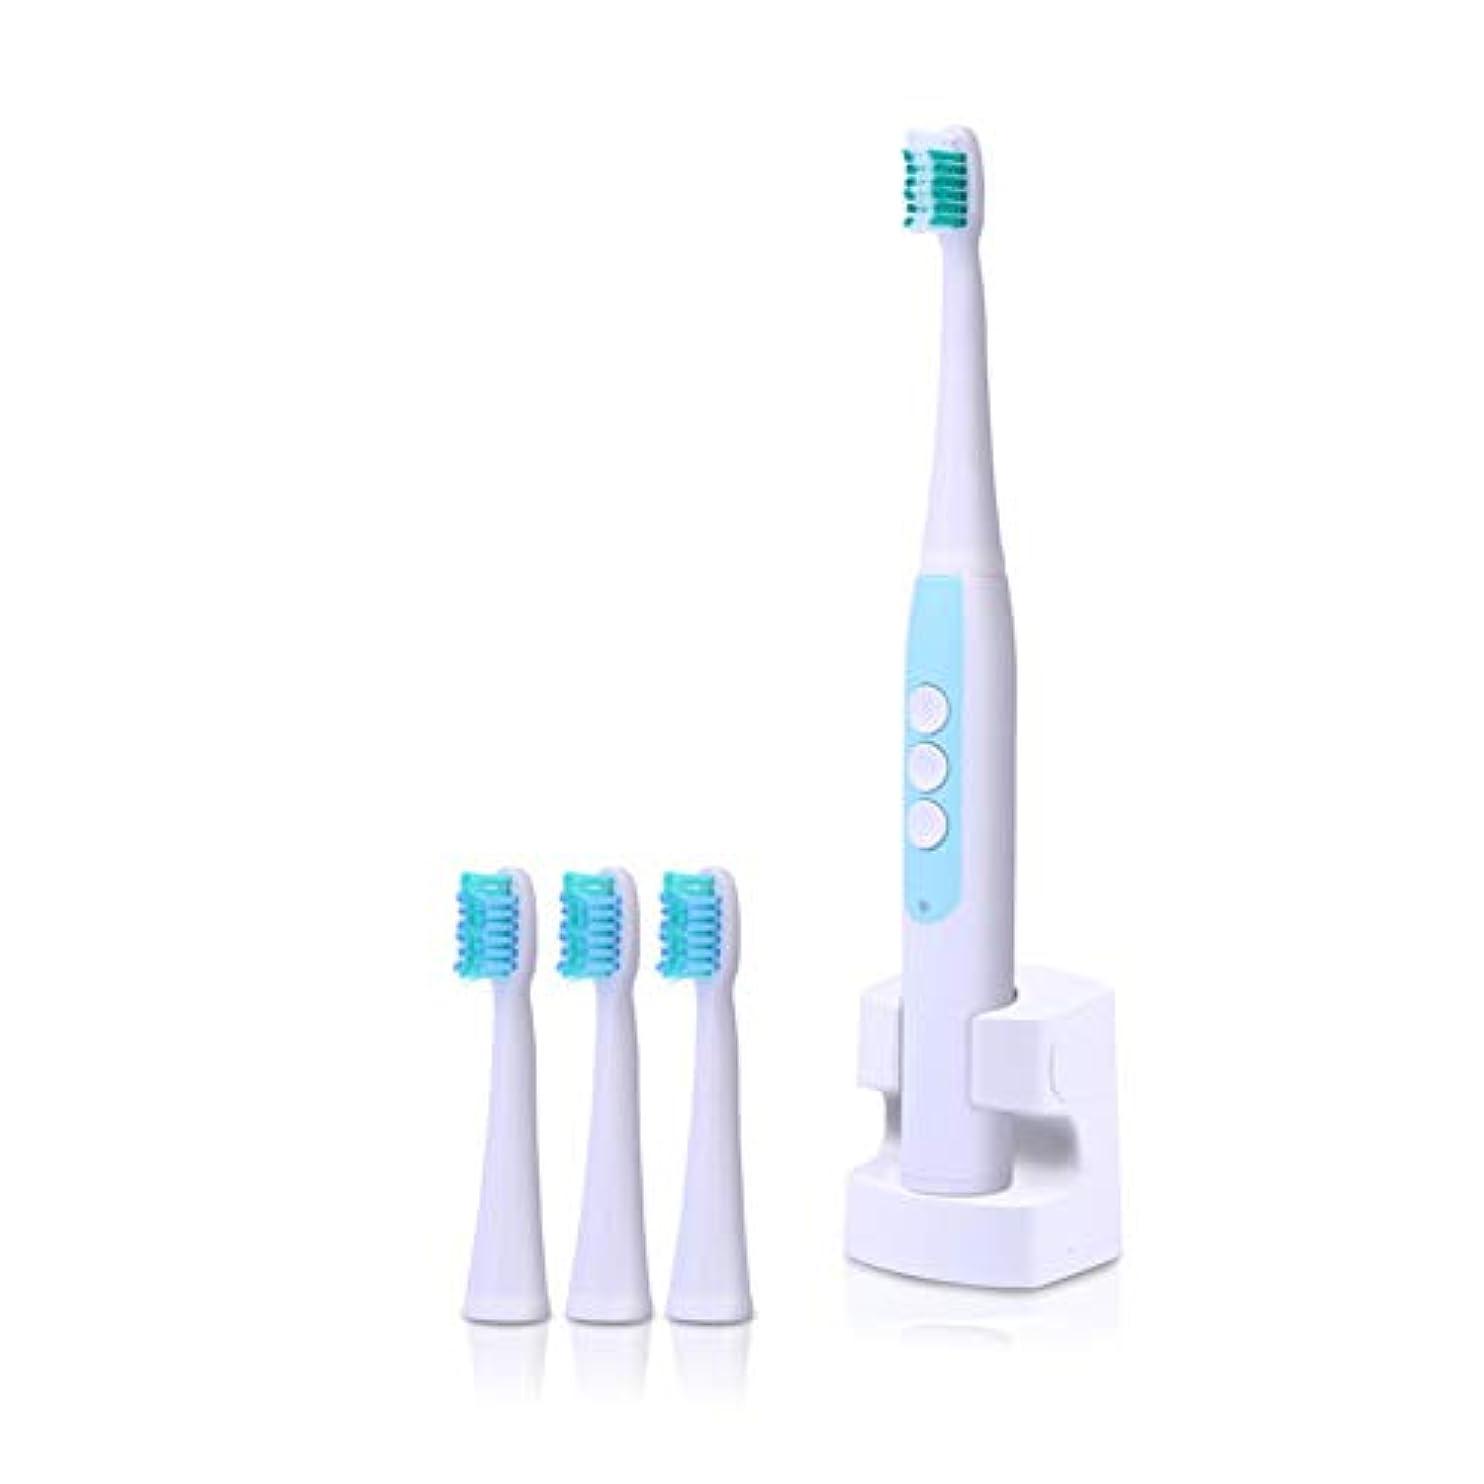 ターミナル回転成熟した音波電動歯ブラシ防水ワイヤレス充電式4ピース交換可能なブラシヘッドタイマー歯歯ブラシオーラルケア大人用,Blue